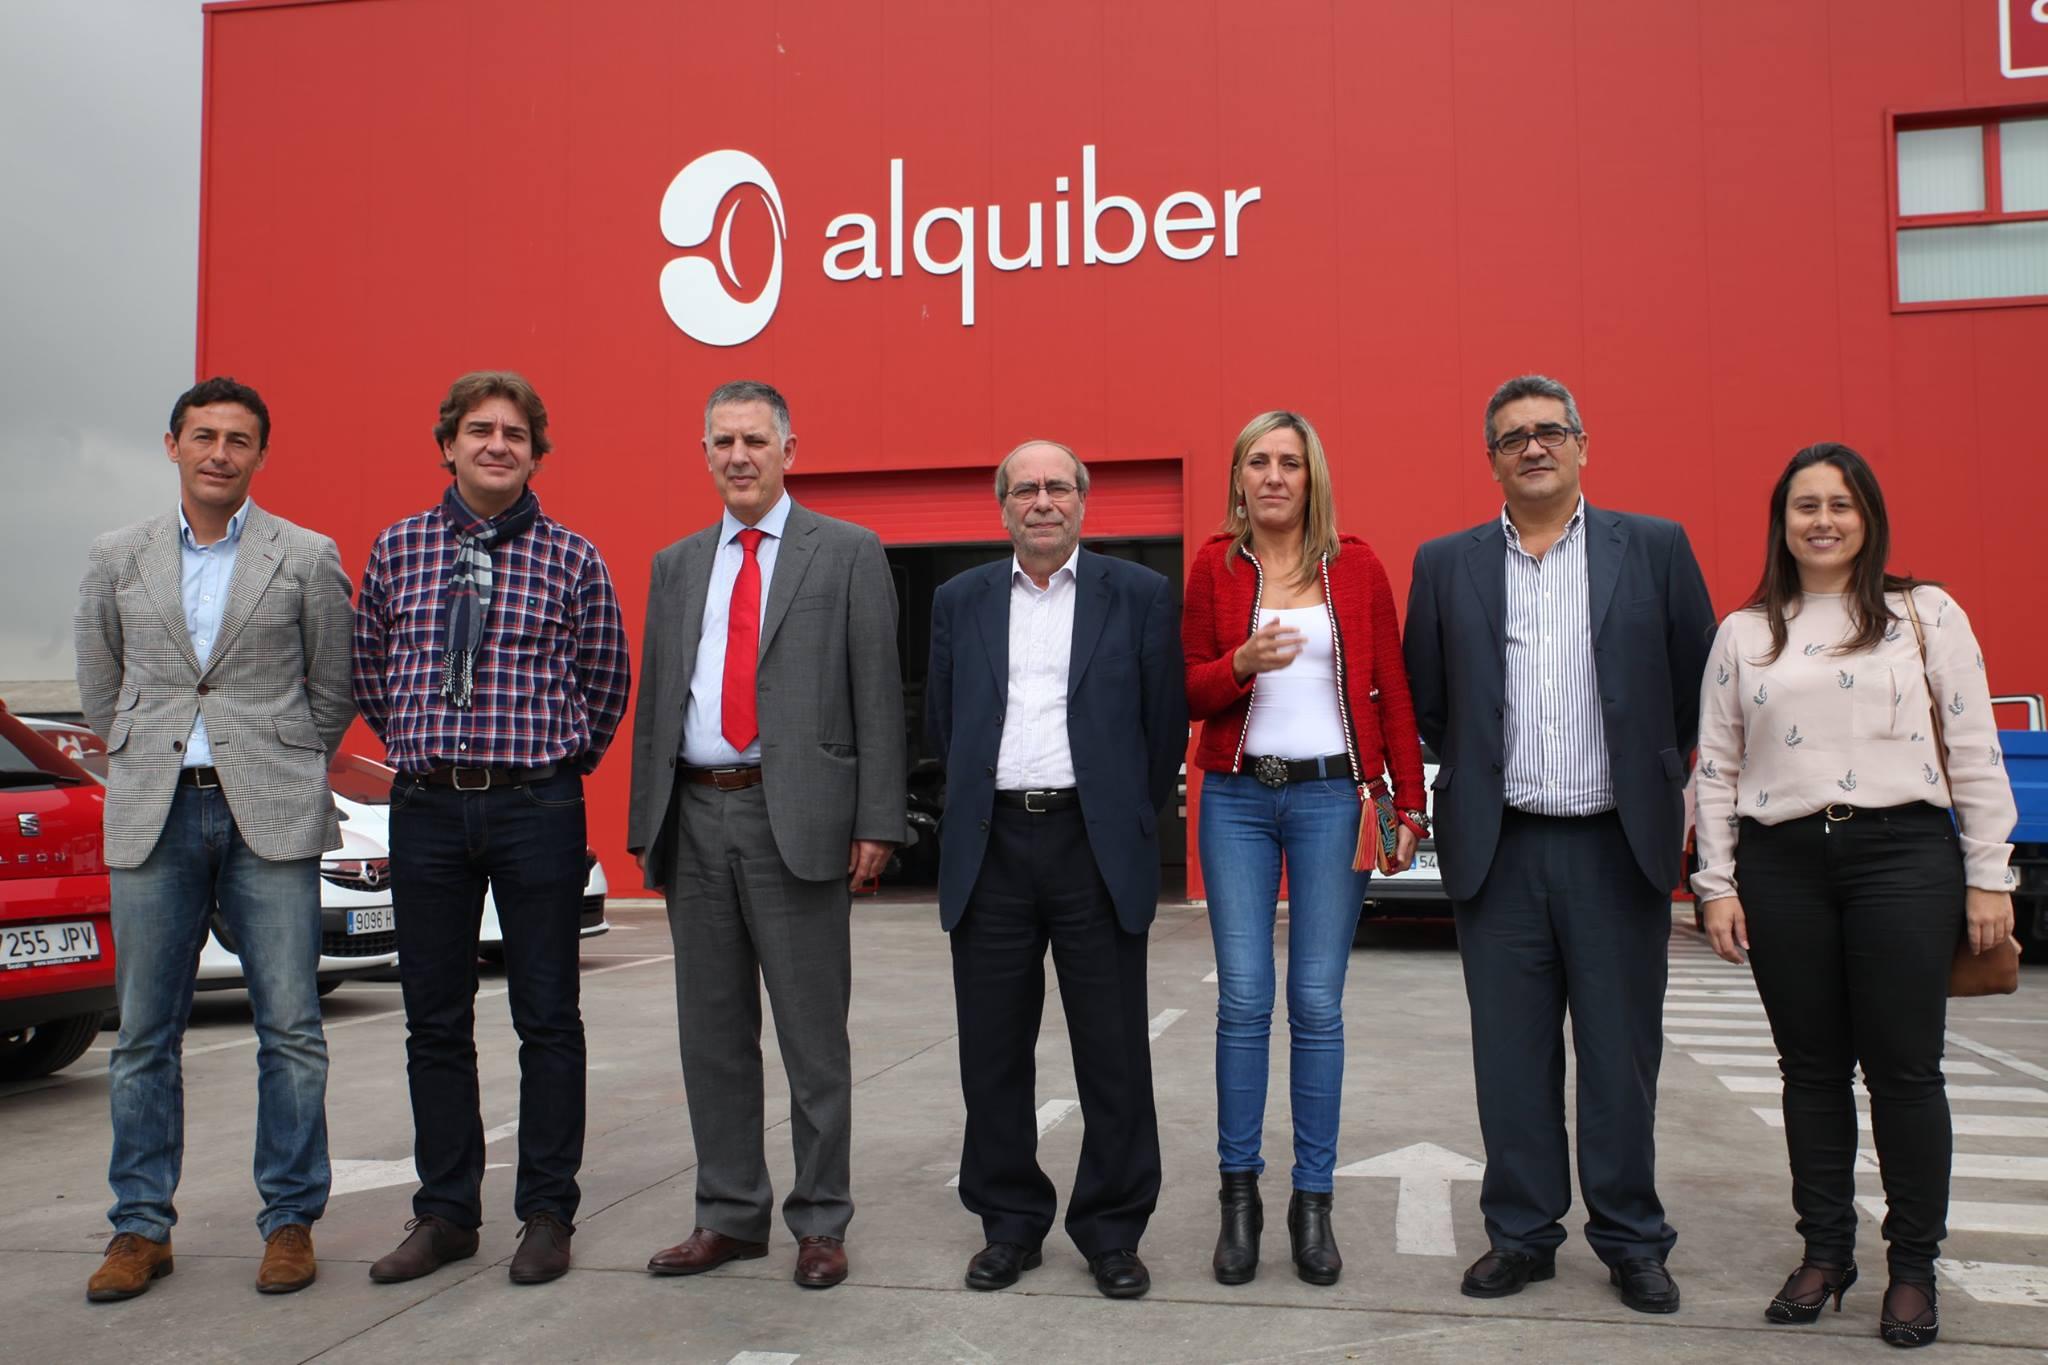 El alcalde de Fuenlabrada visita nuestras instalaciones